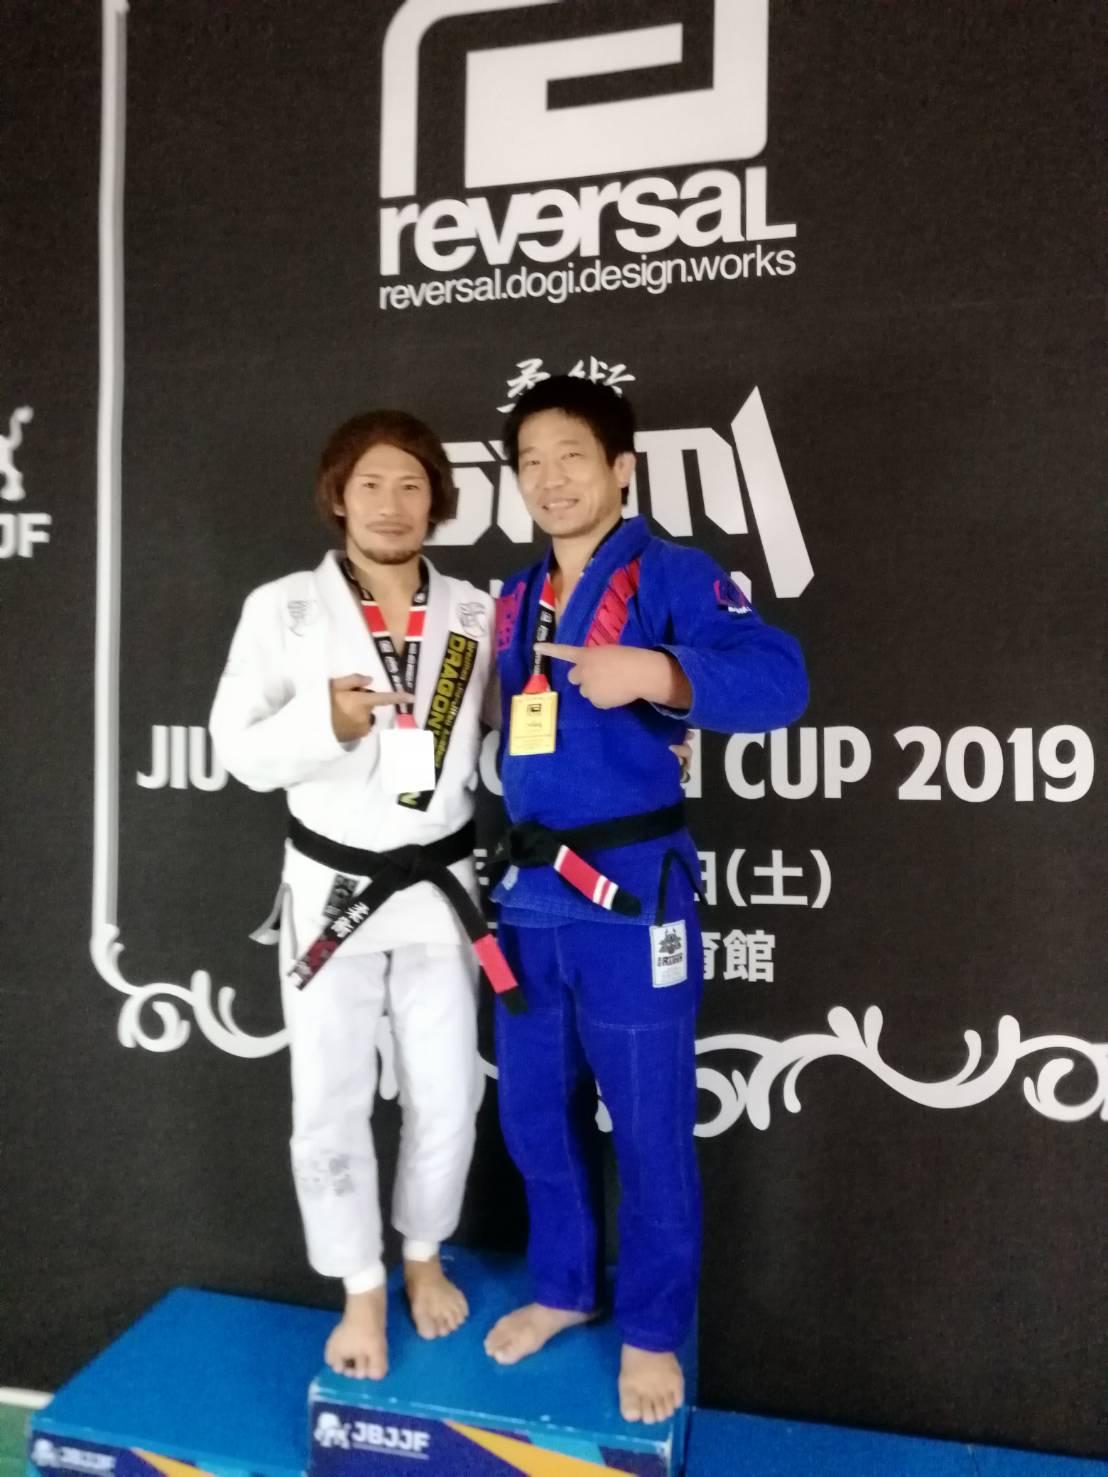 イサミ&リバーサル柔術SCREAM CUP 2019|大会写真01